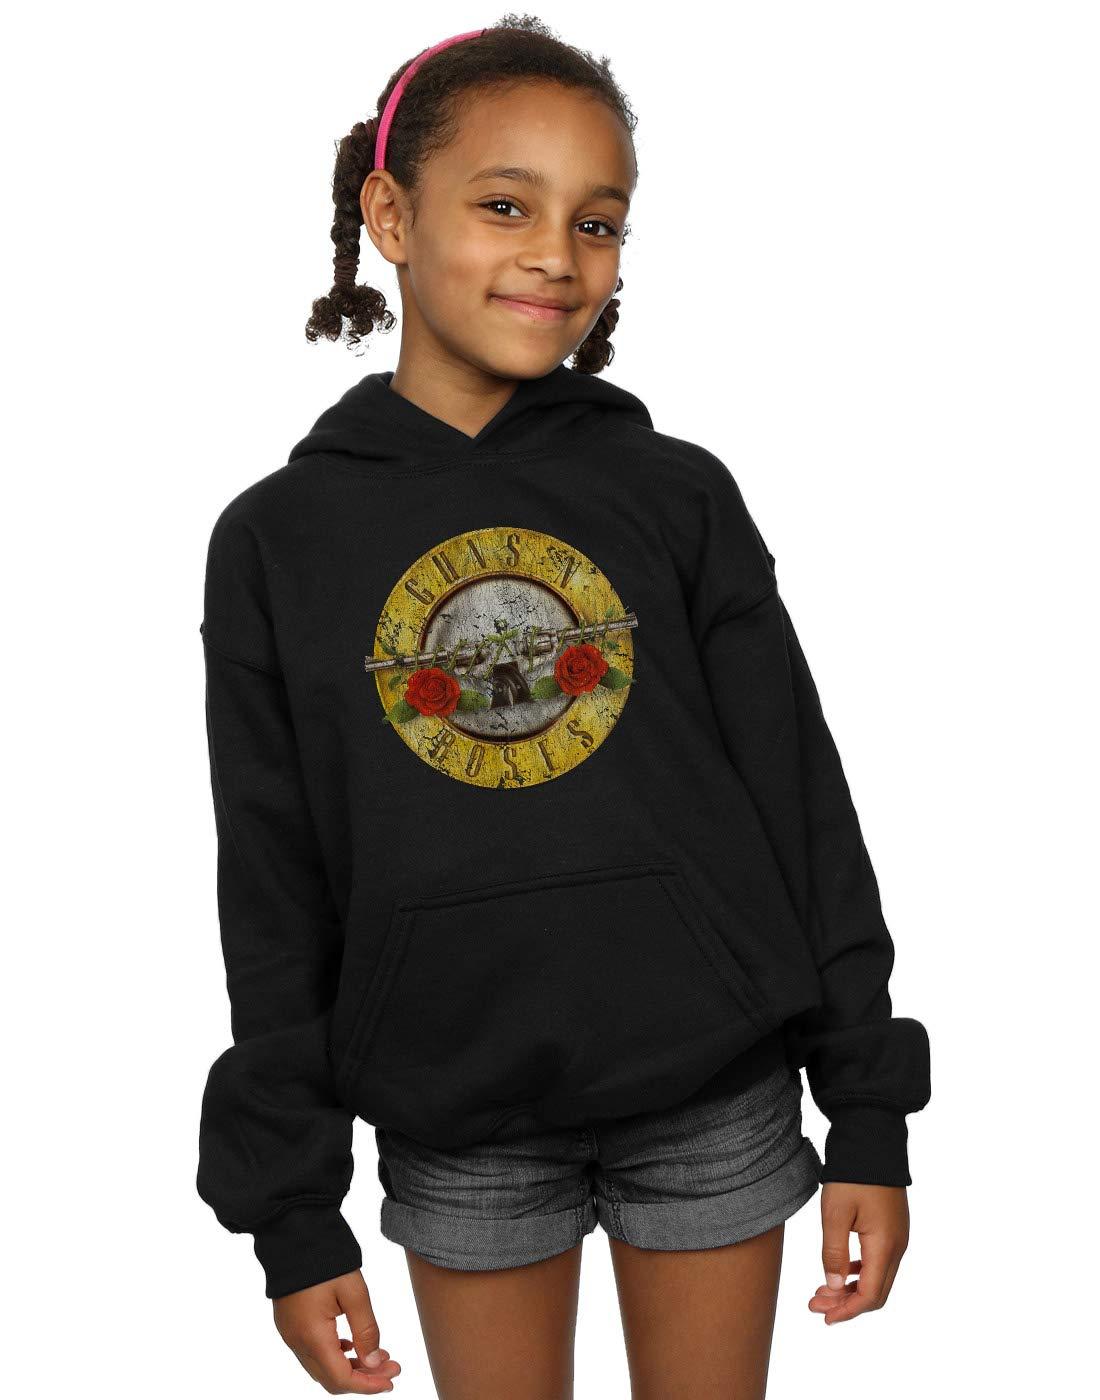 Guns N Roses Girls Vintage Bullet Logo Shirts